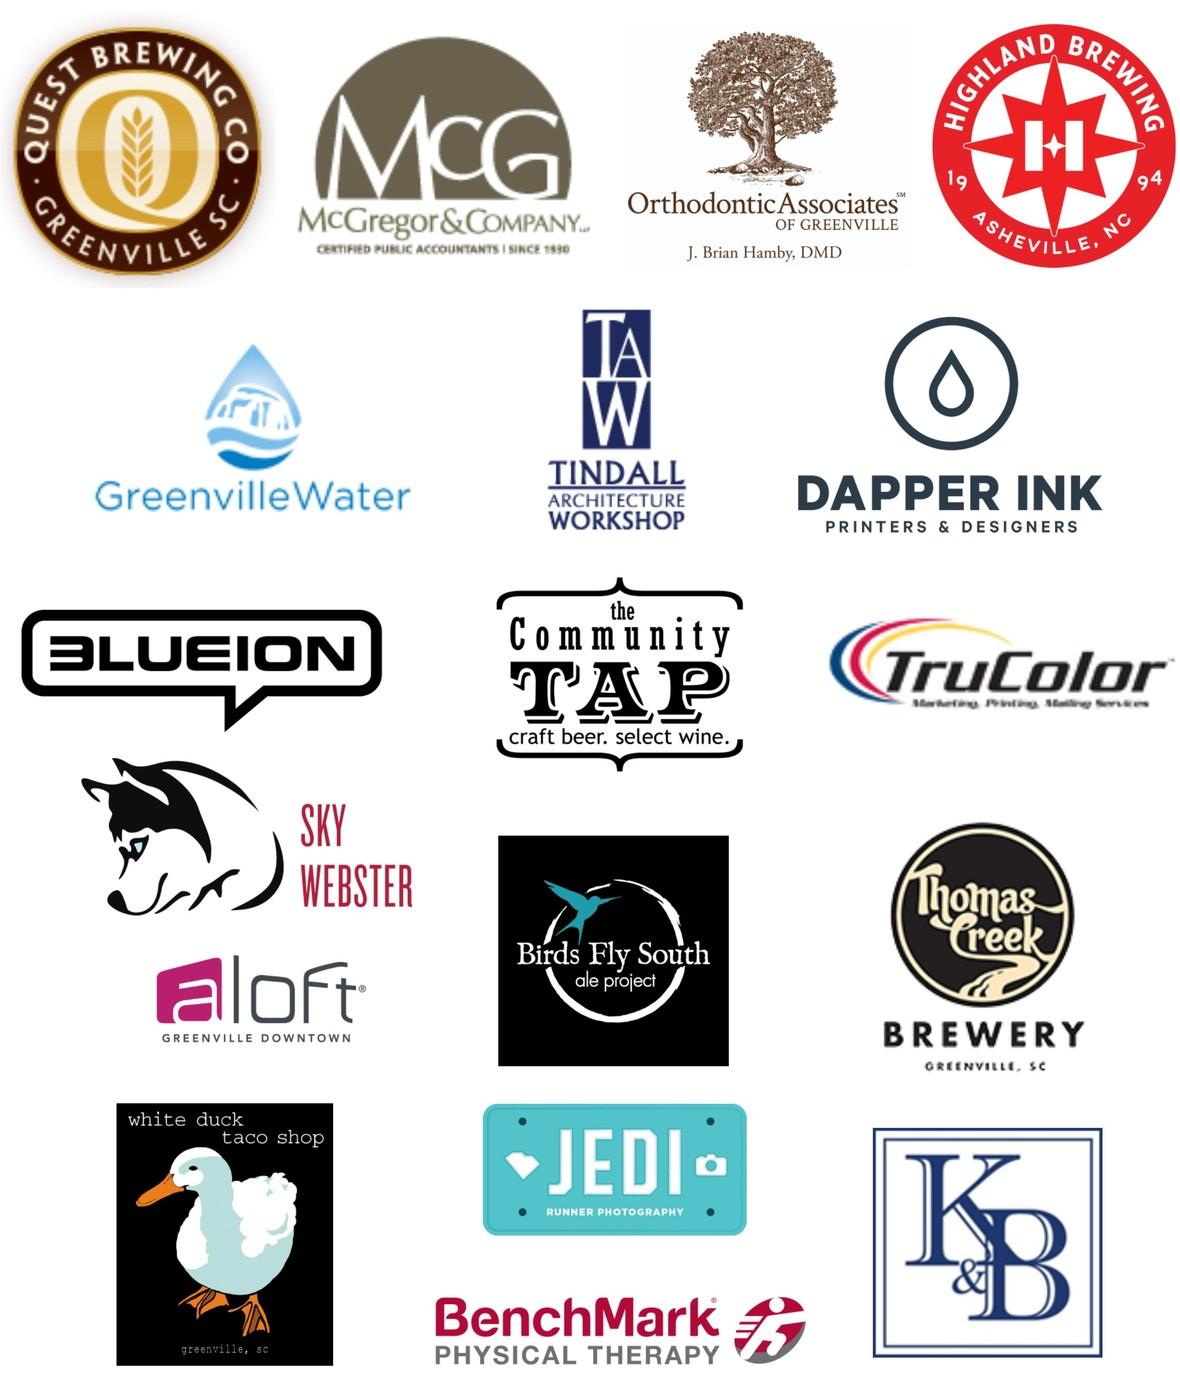 All sponsors